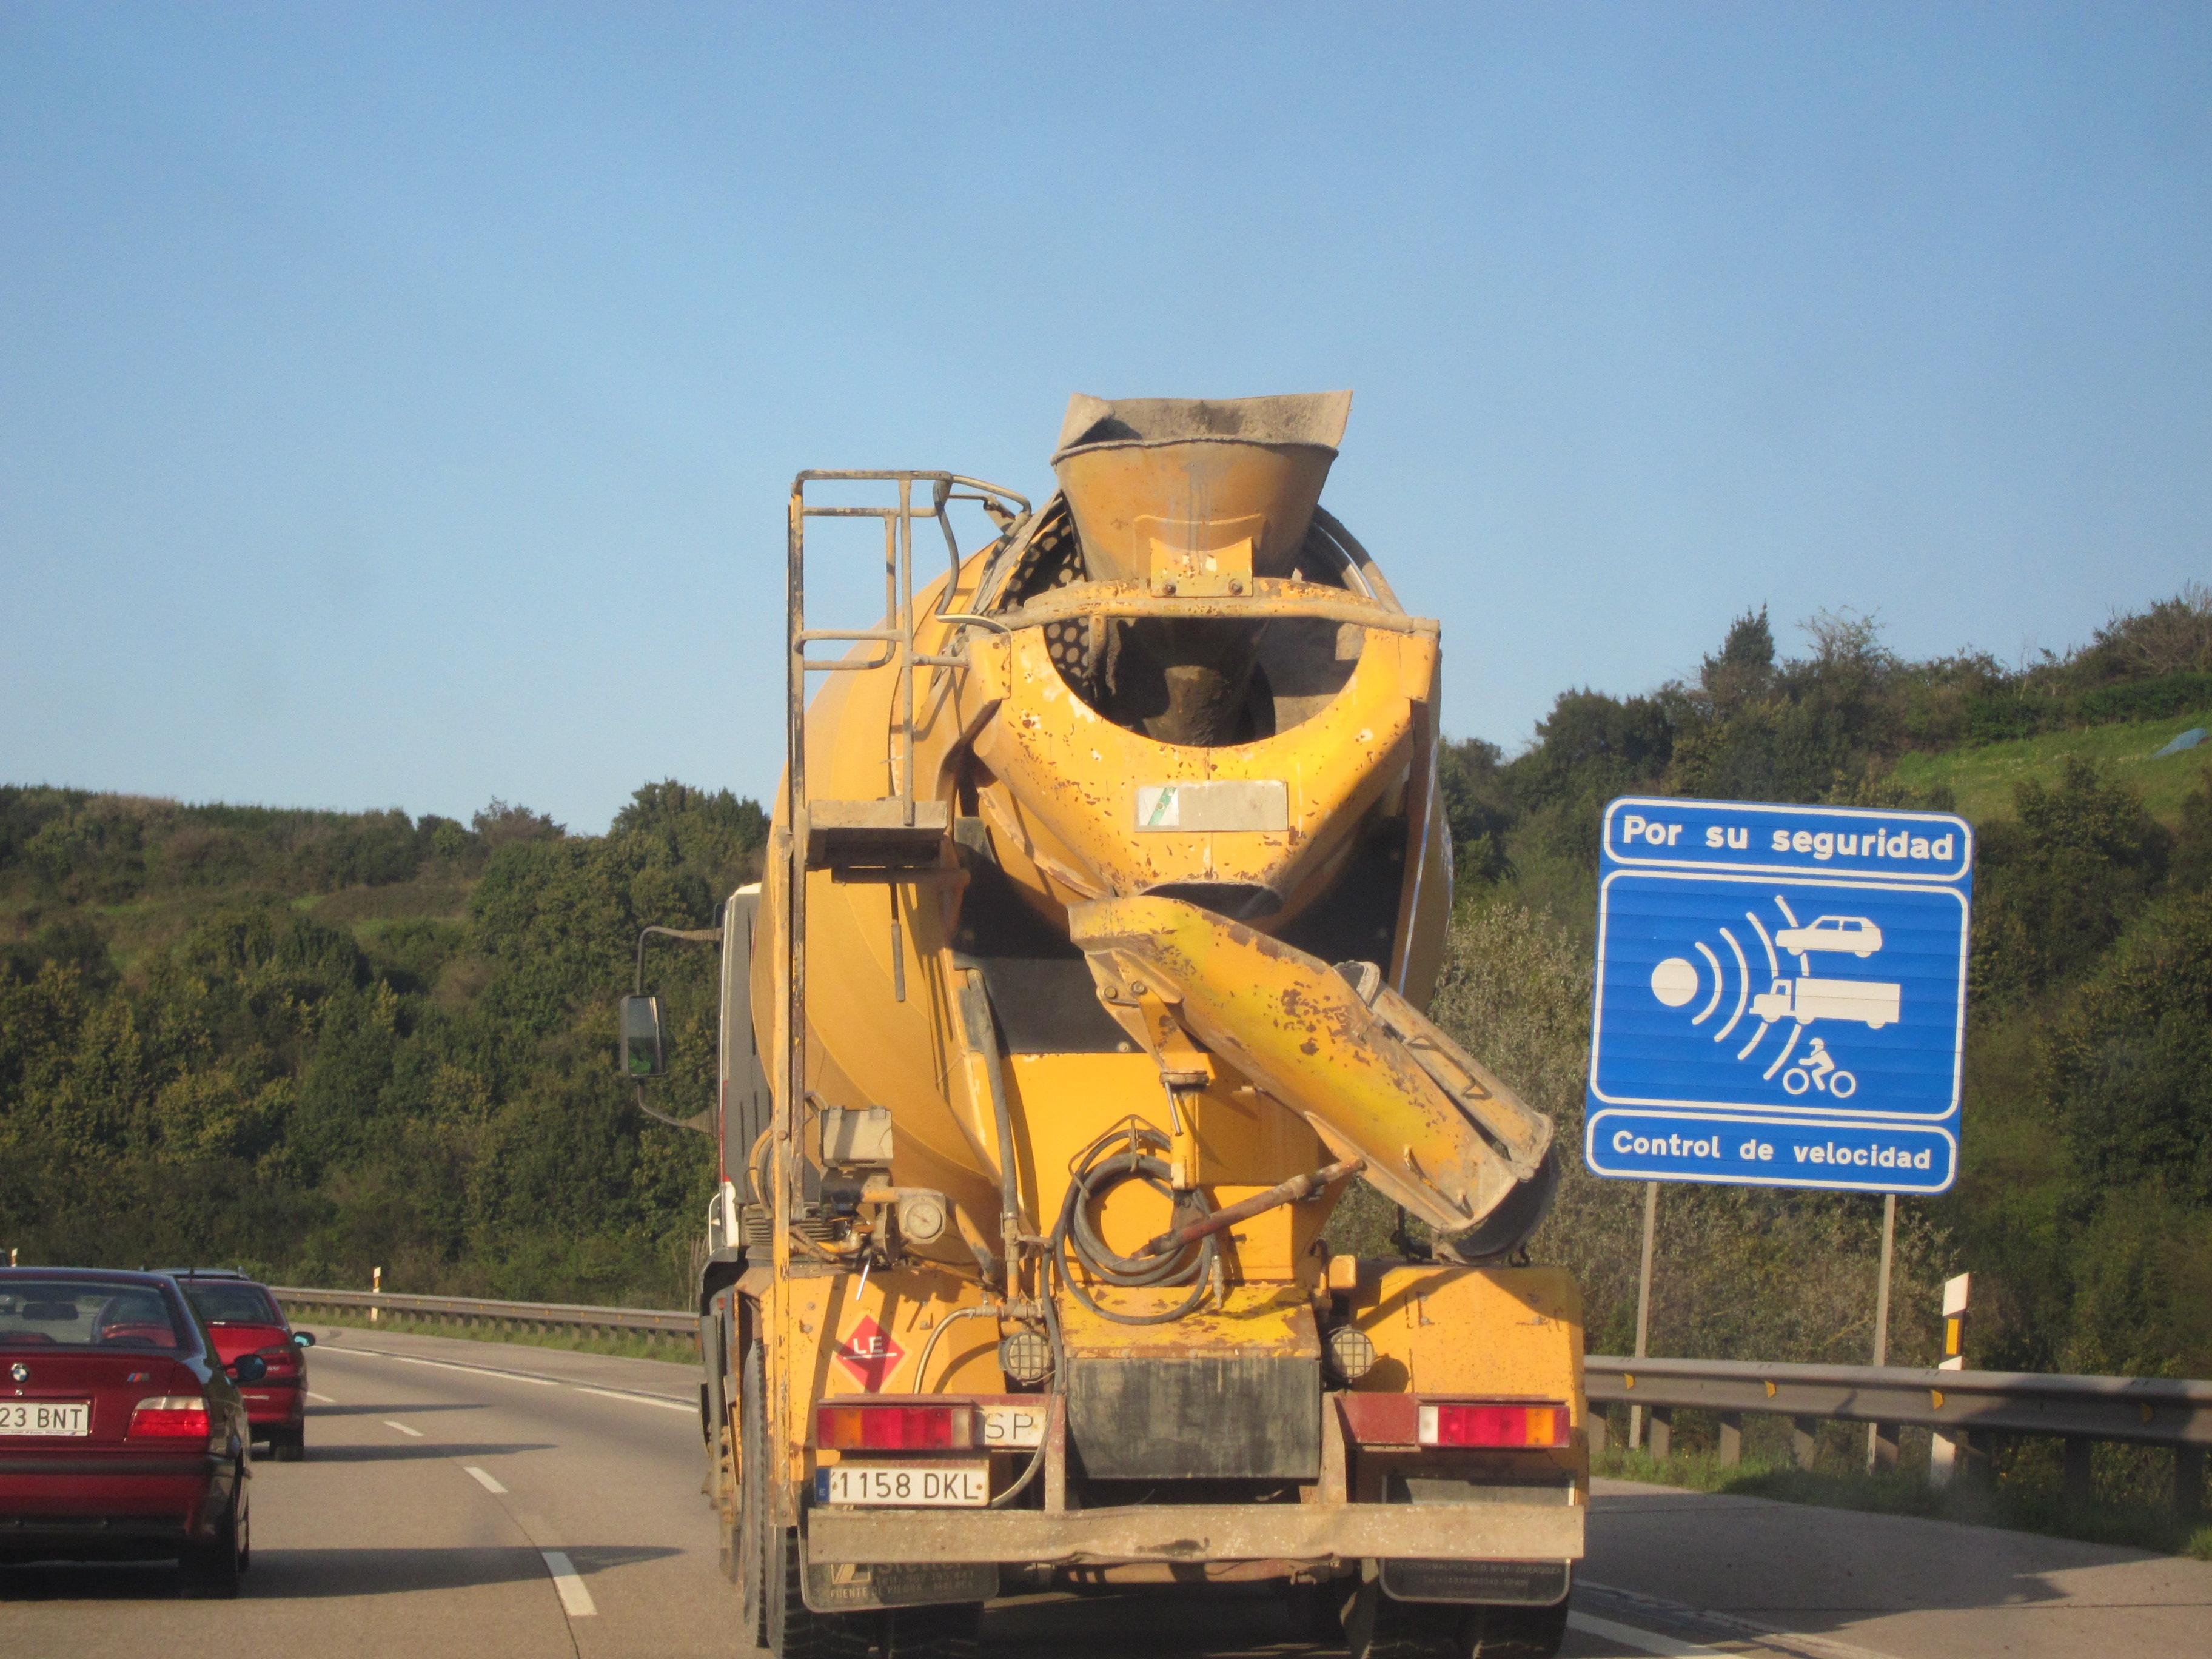 Tráfico denuncia a 642 conductores por exceso de velocidad entre el 19 al 25 de agosto en Asturias